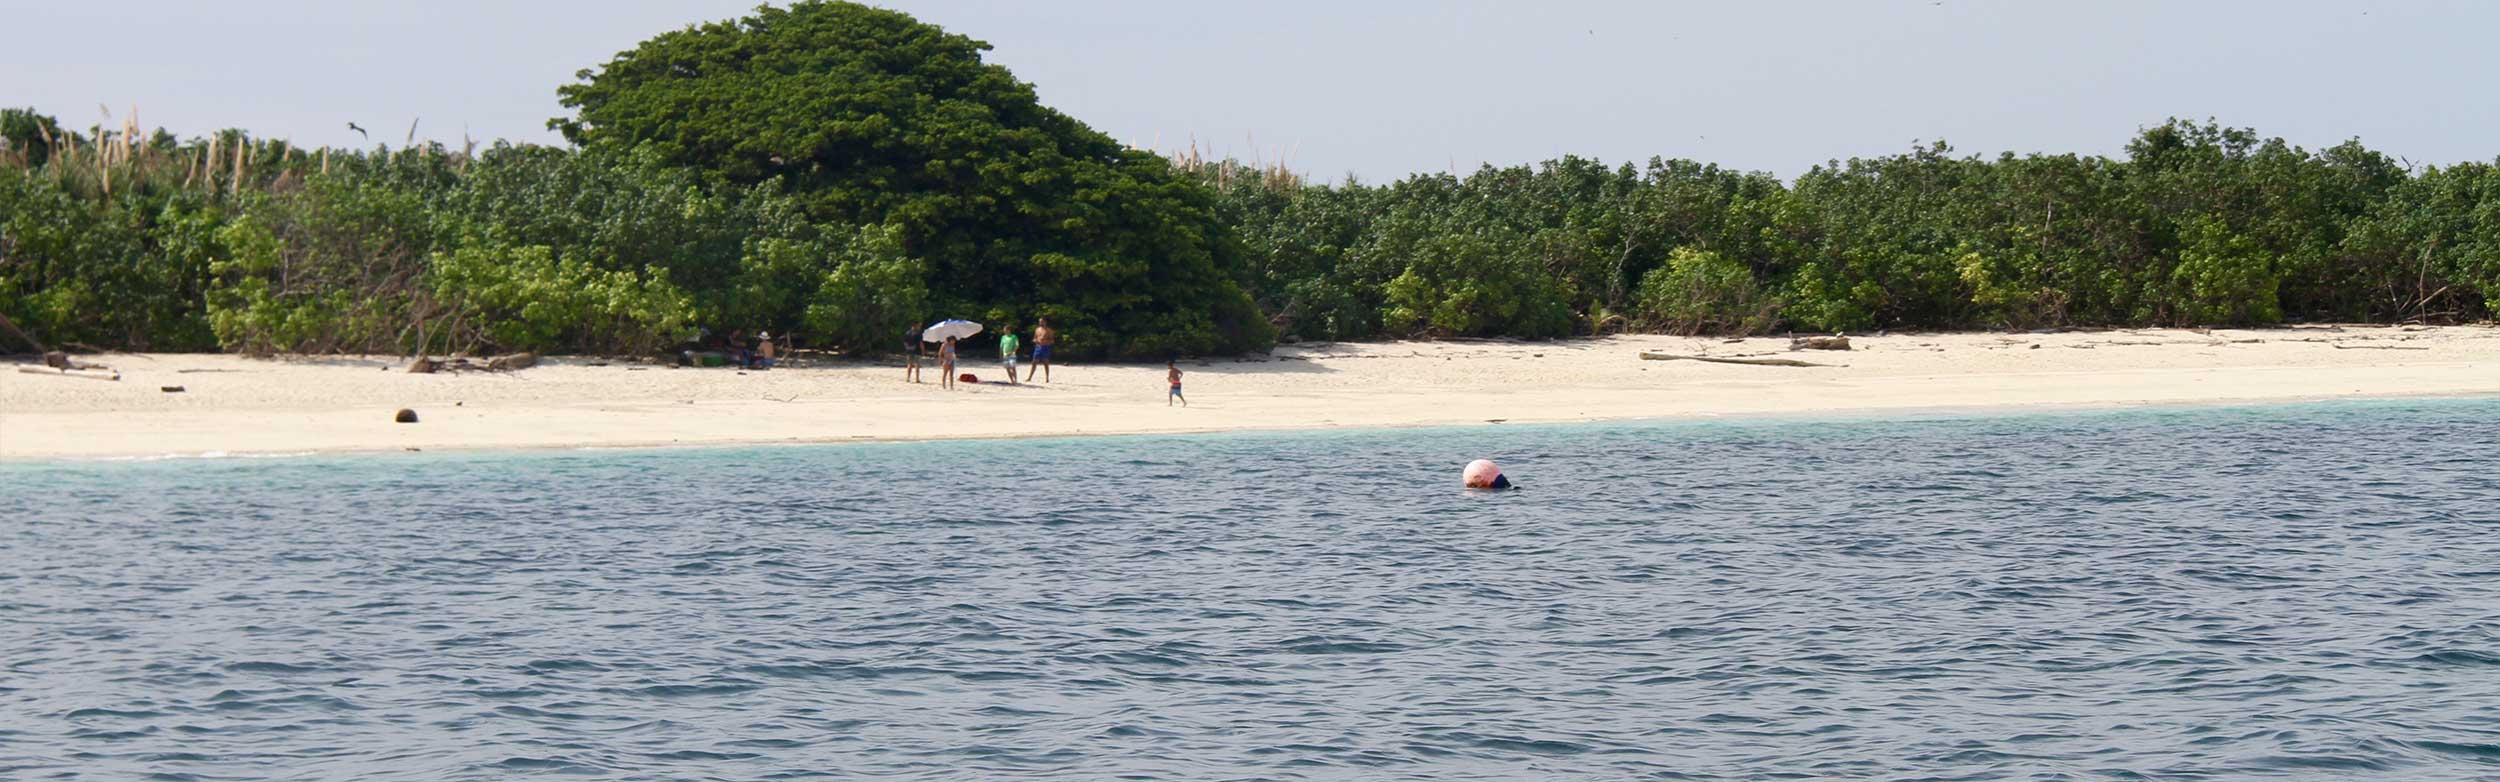 Iguana Island Wildlife Refuge